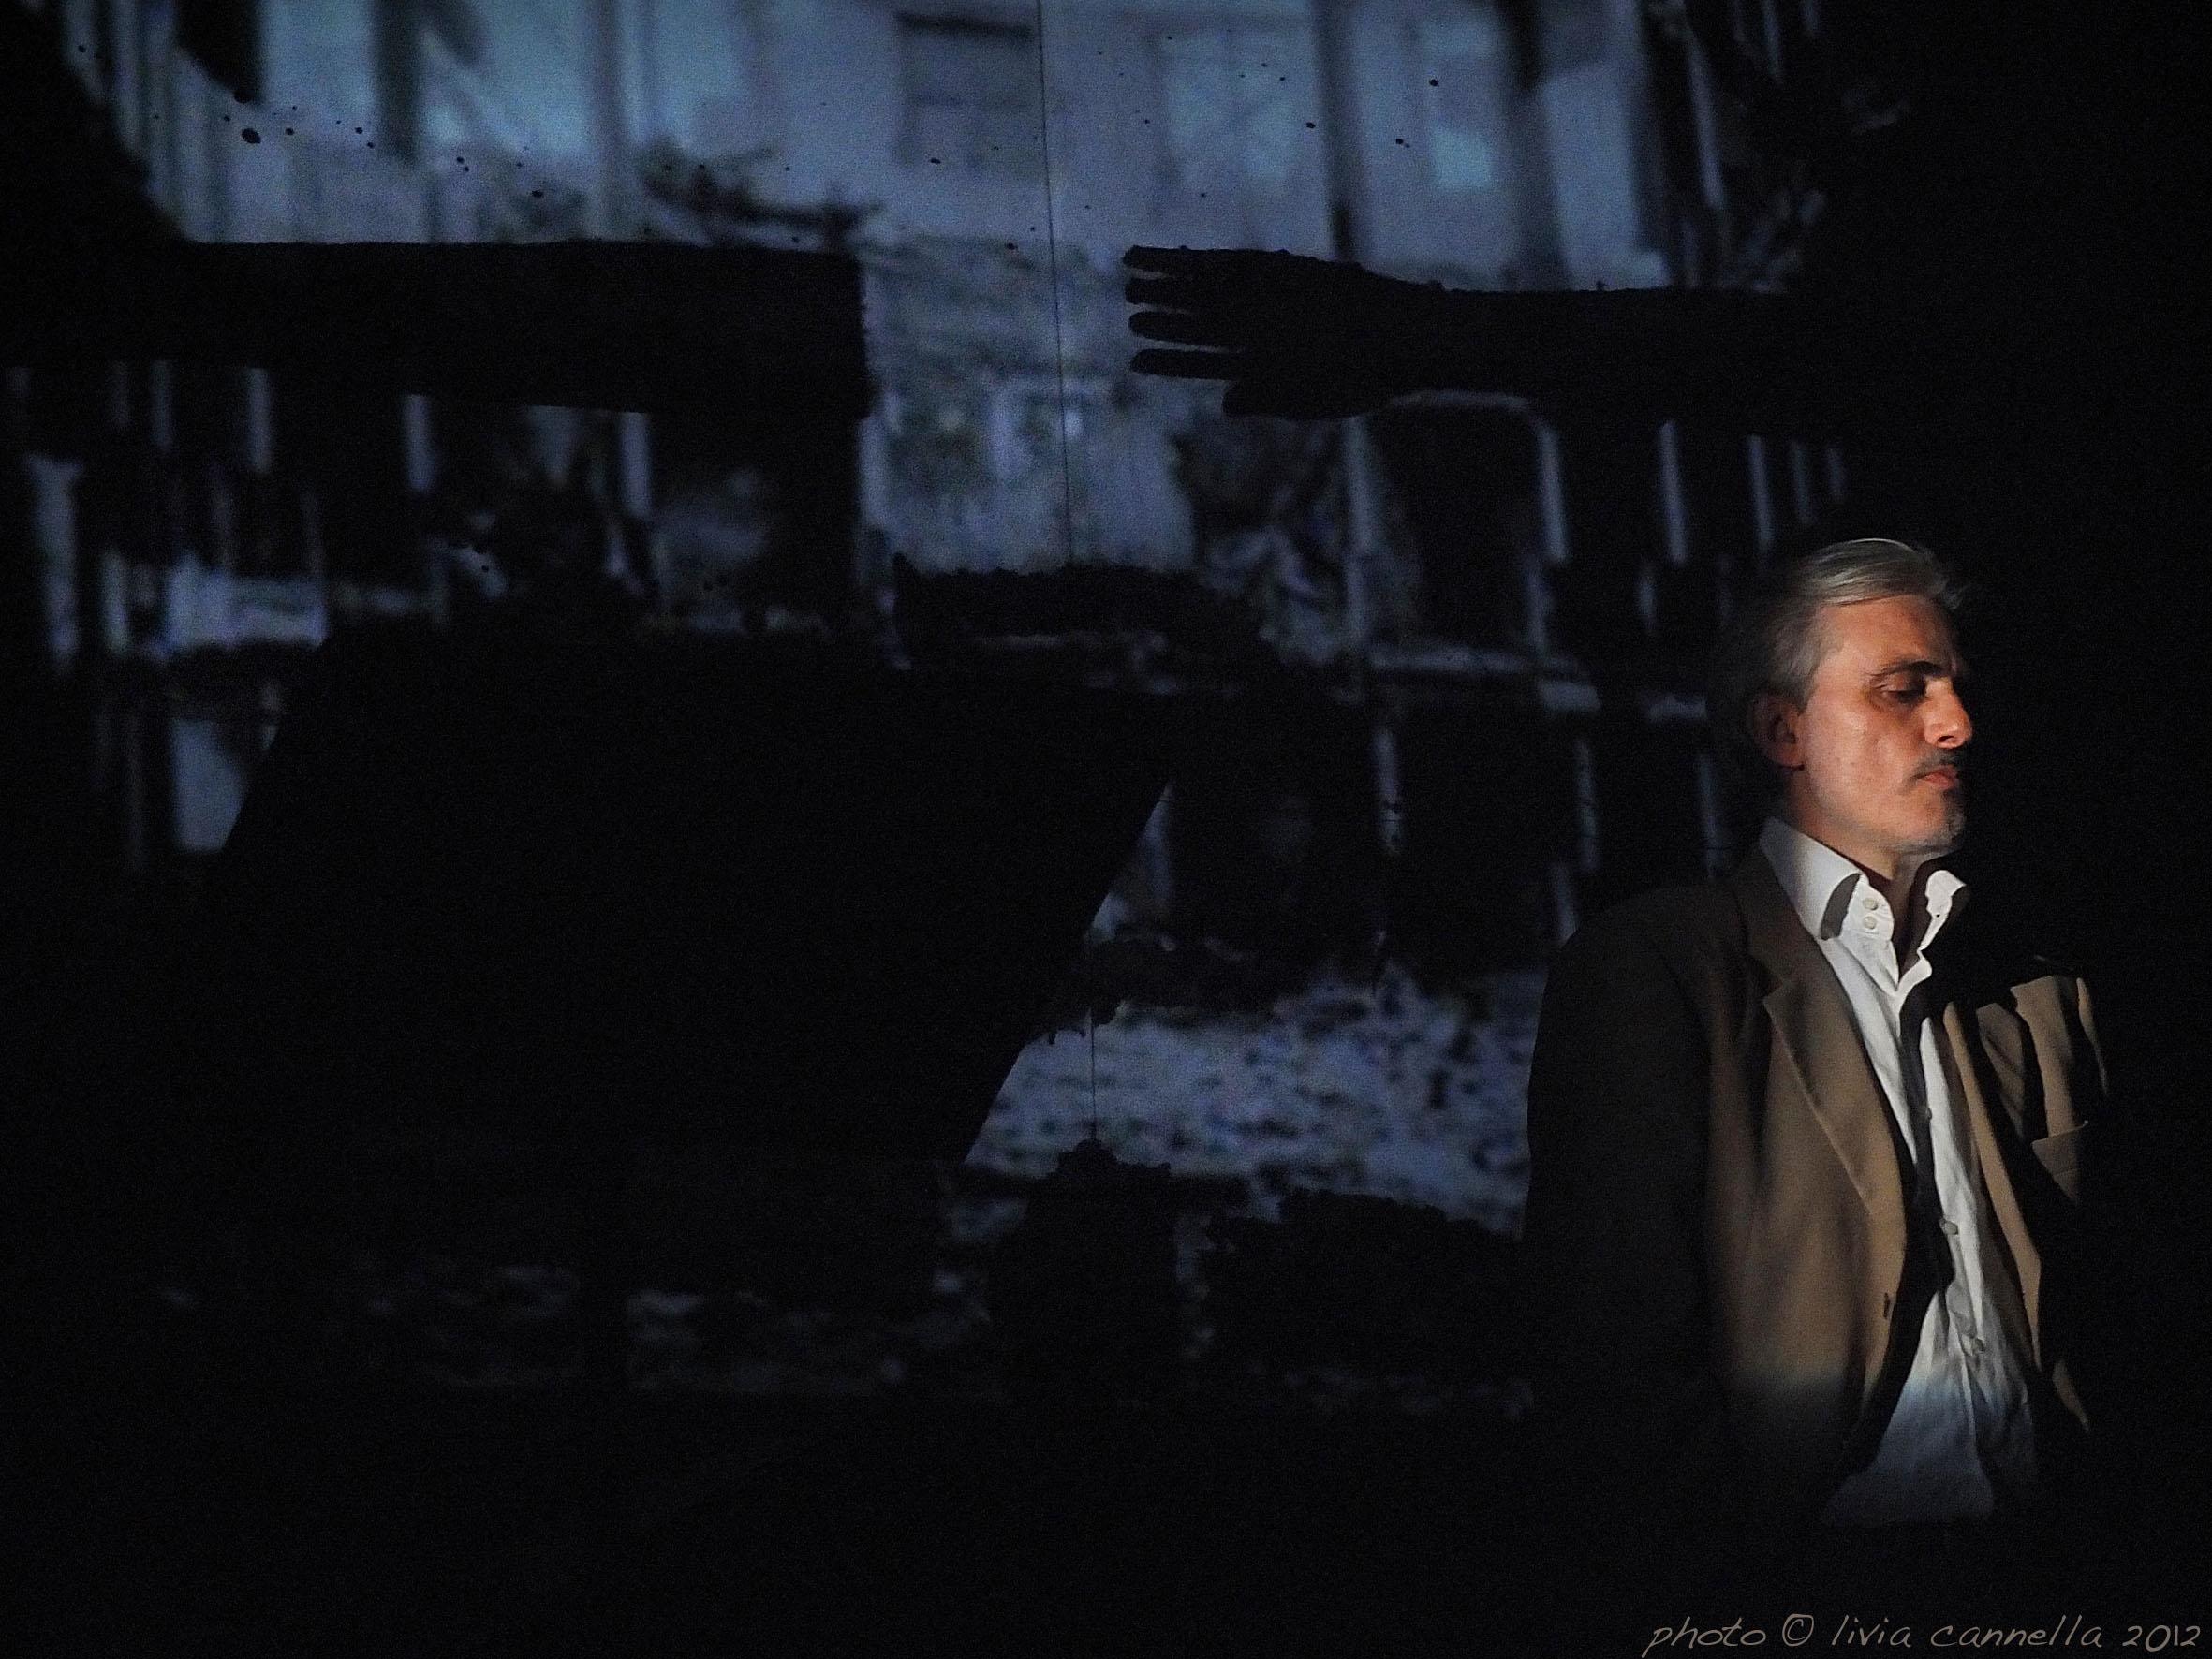 Paolo Borsellino, essendo stato